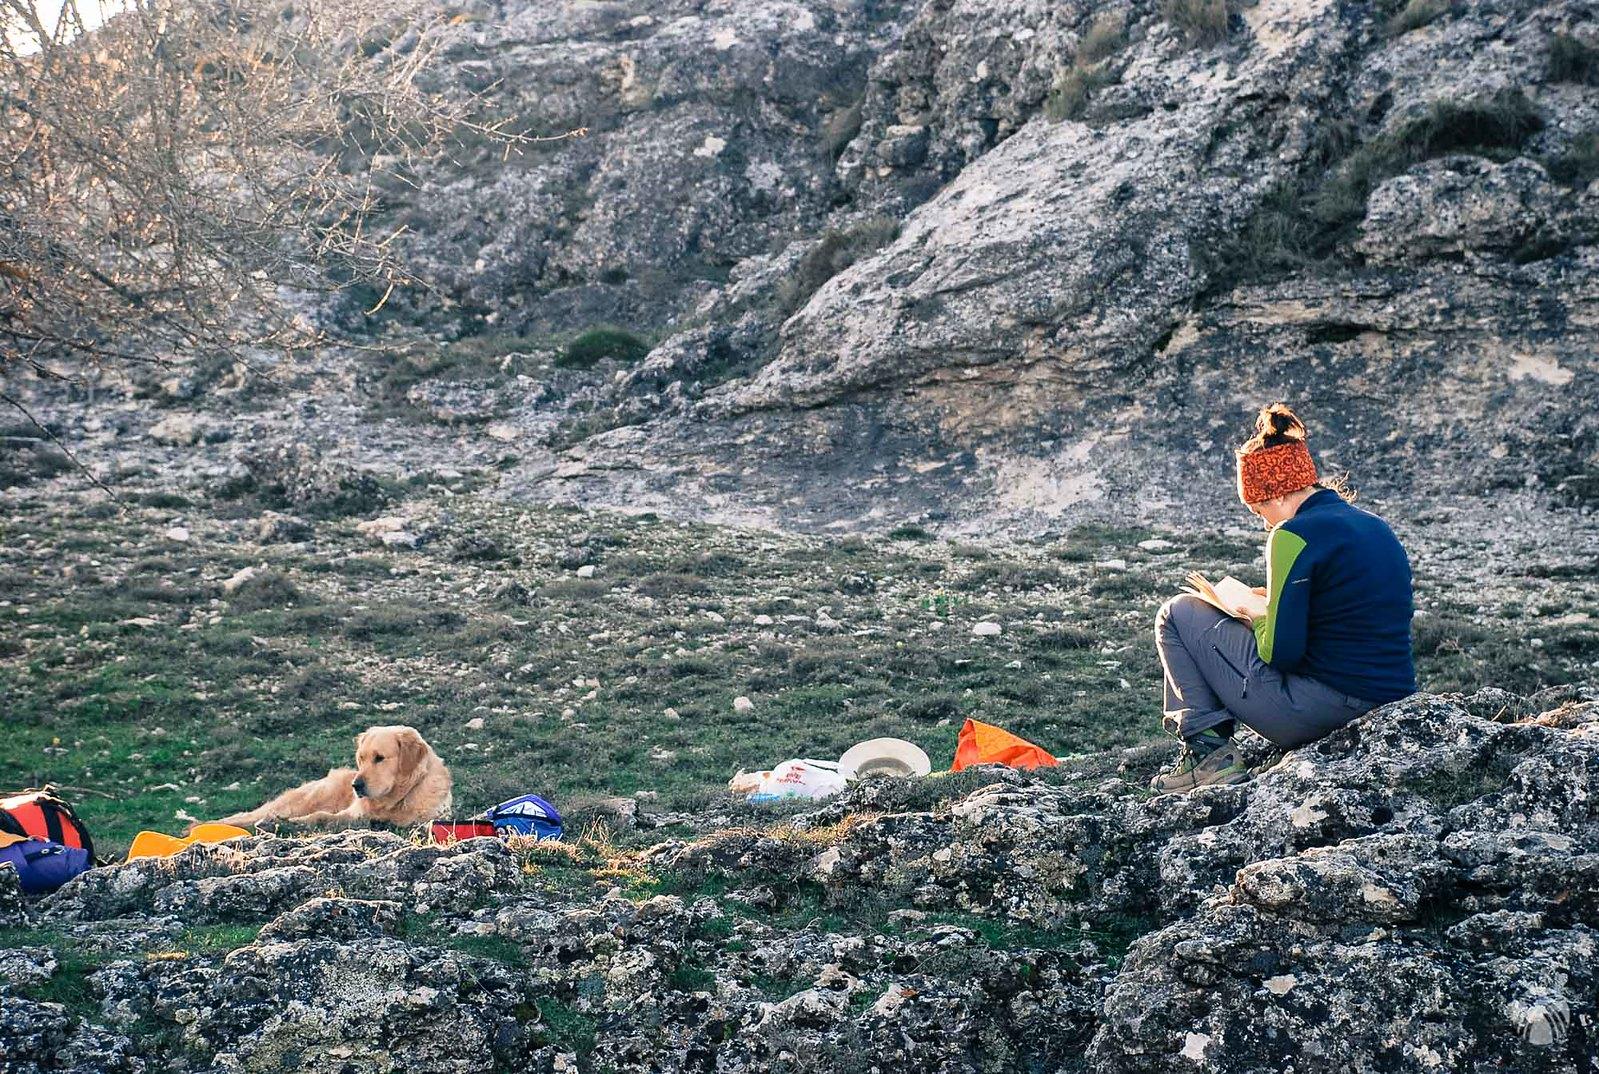 Campamento establecido: vamos a olvidarnos de las mochilas